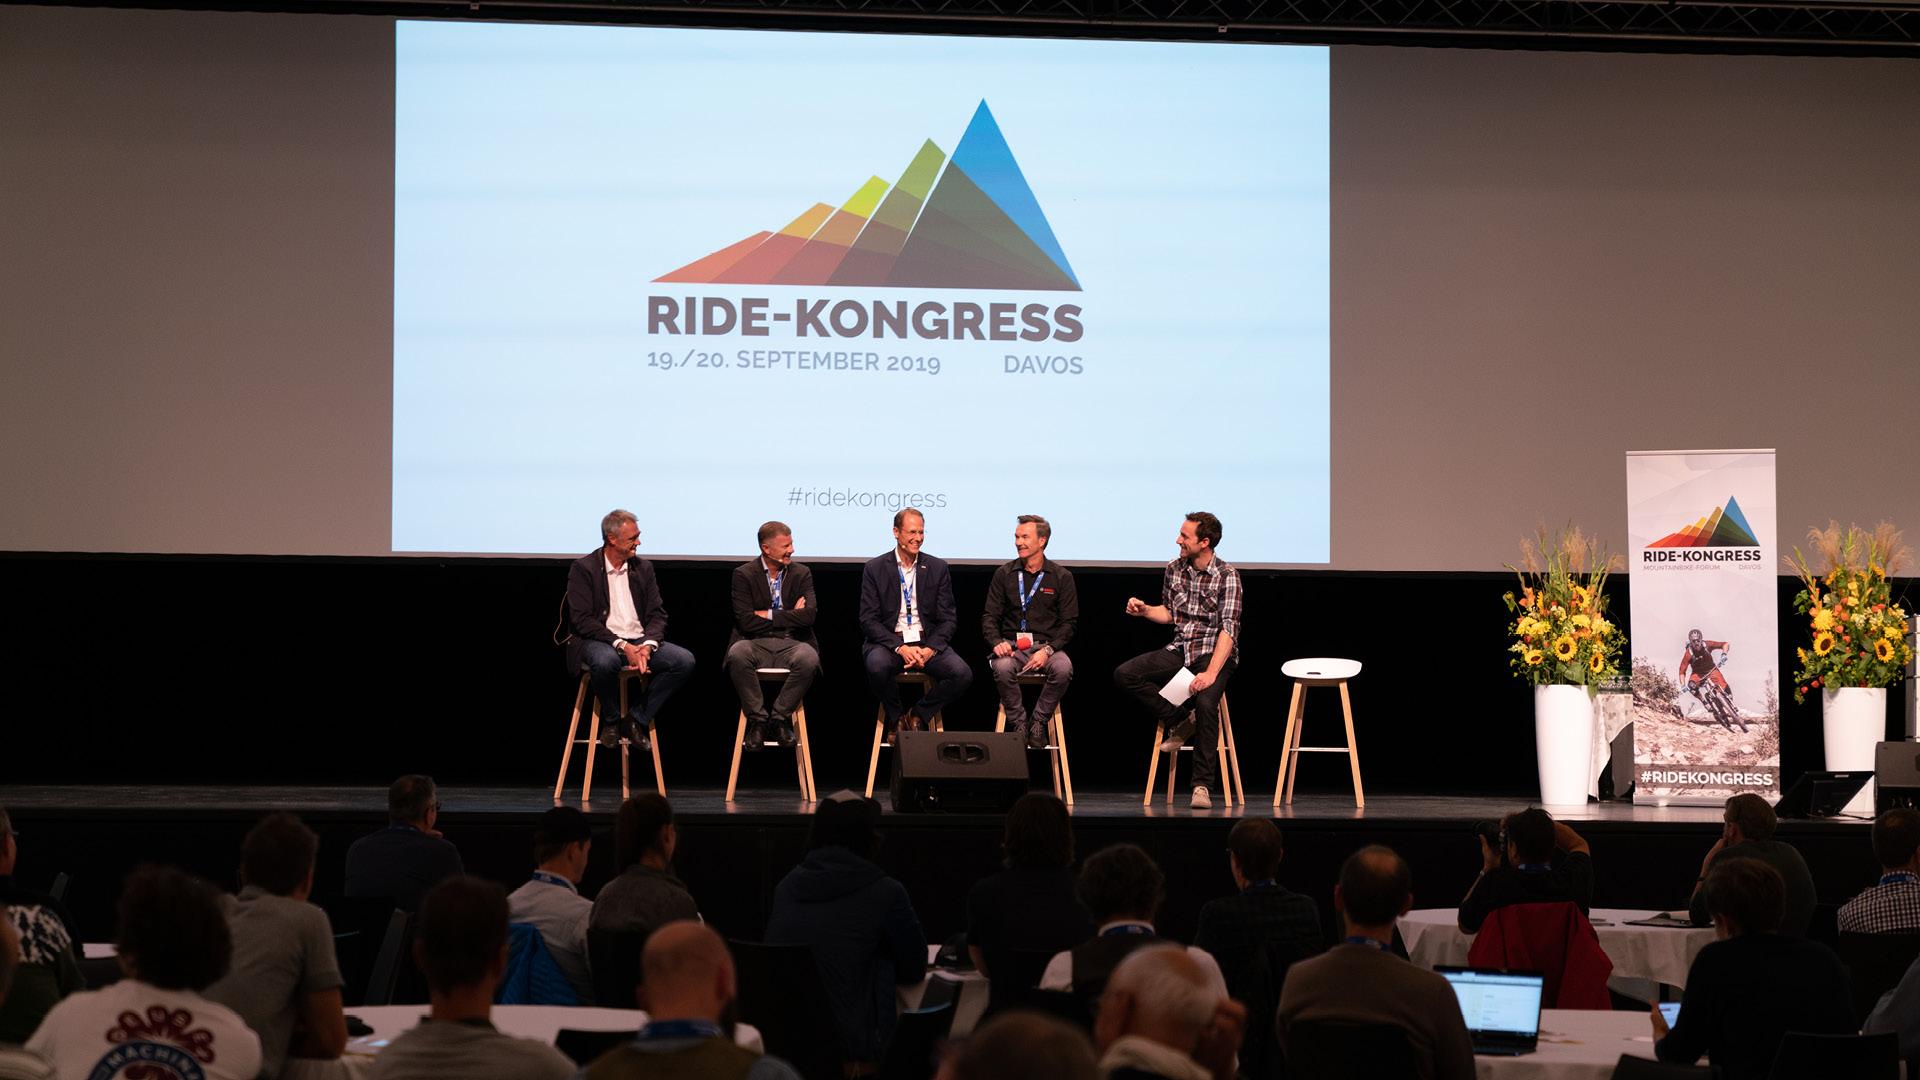 Ride-Kongress